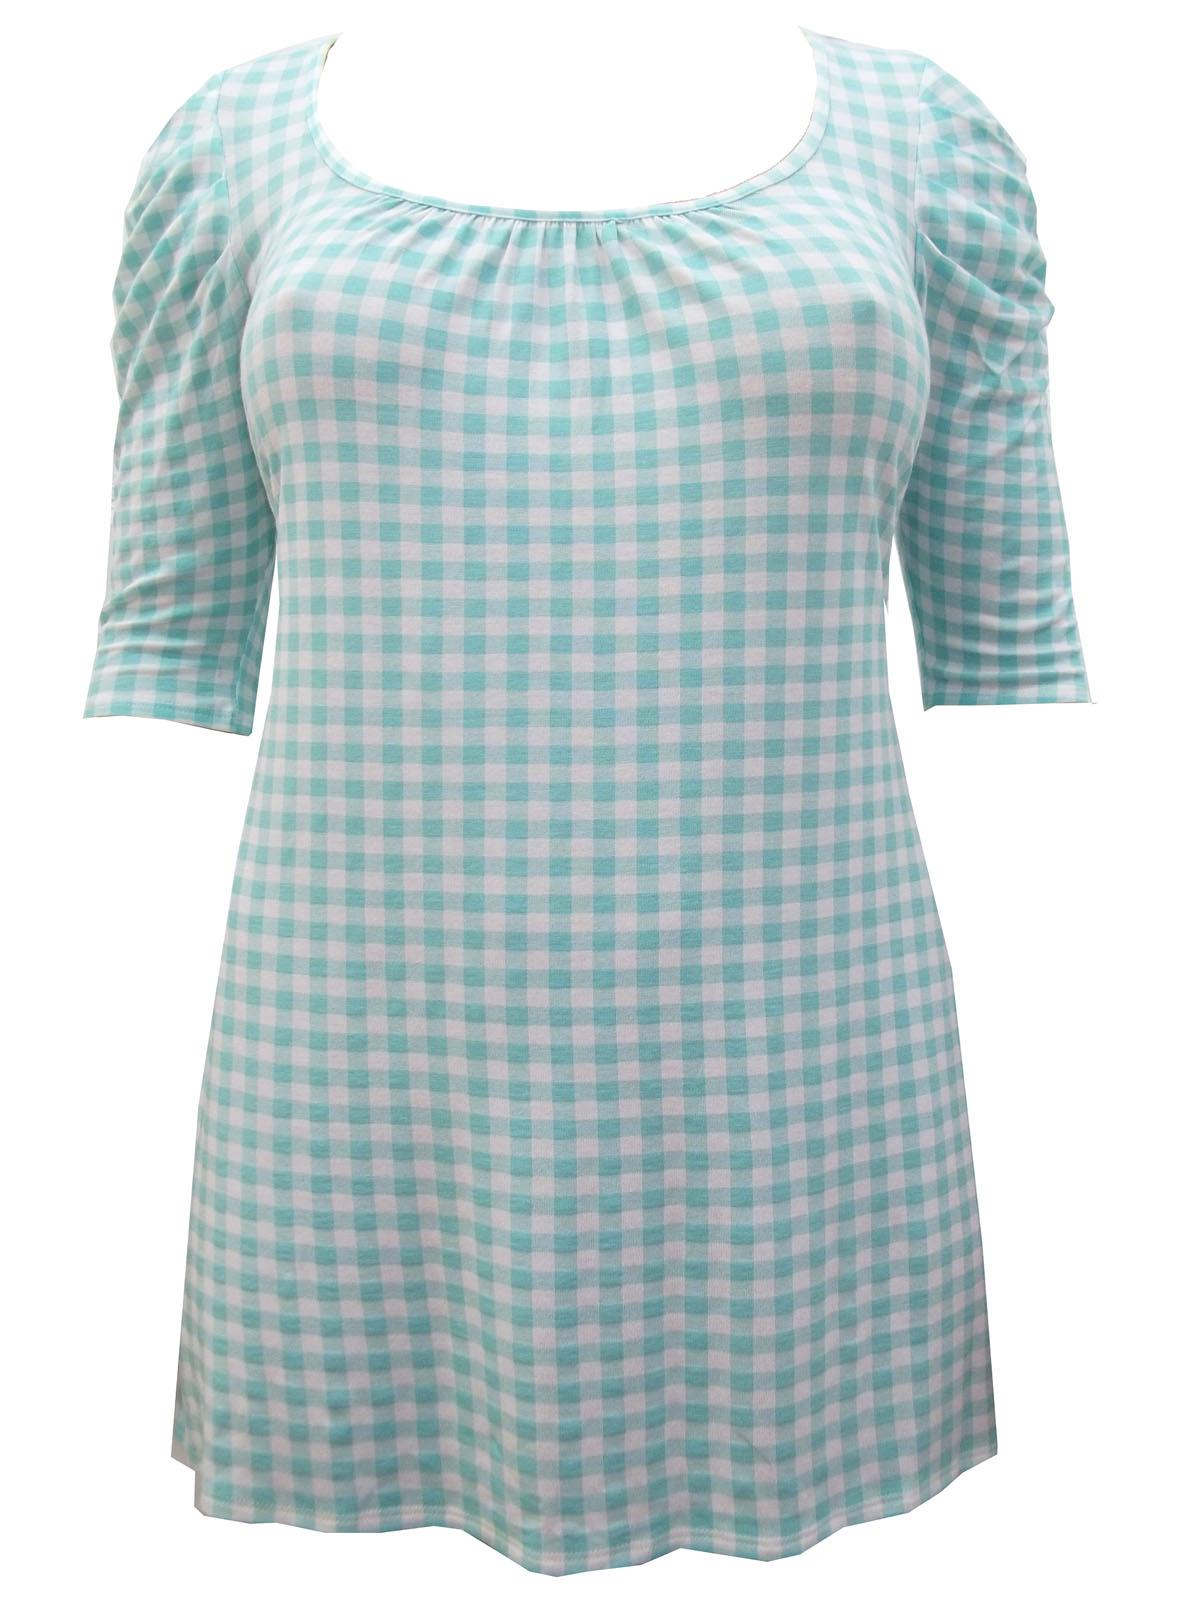 Plus Size 16 to 30//32 Marina Kaneva Turquoise Ruched Sleeve Gingham Tunic